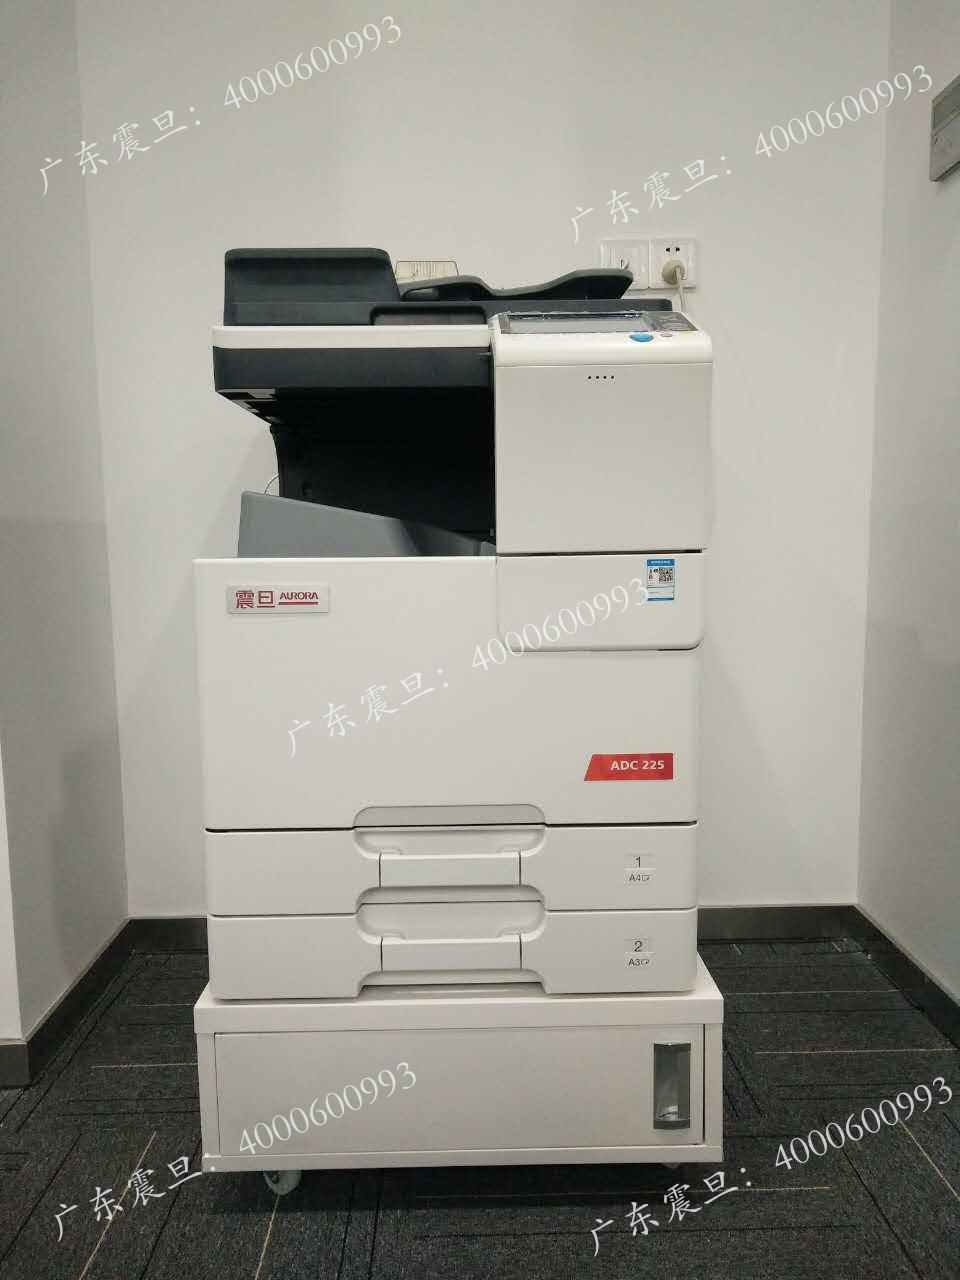 珠江新城某金融公司使用的ADC225复印机